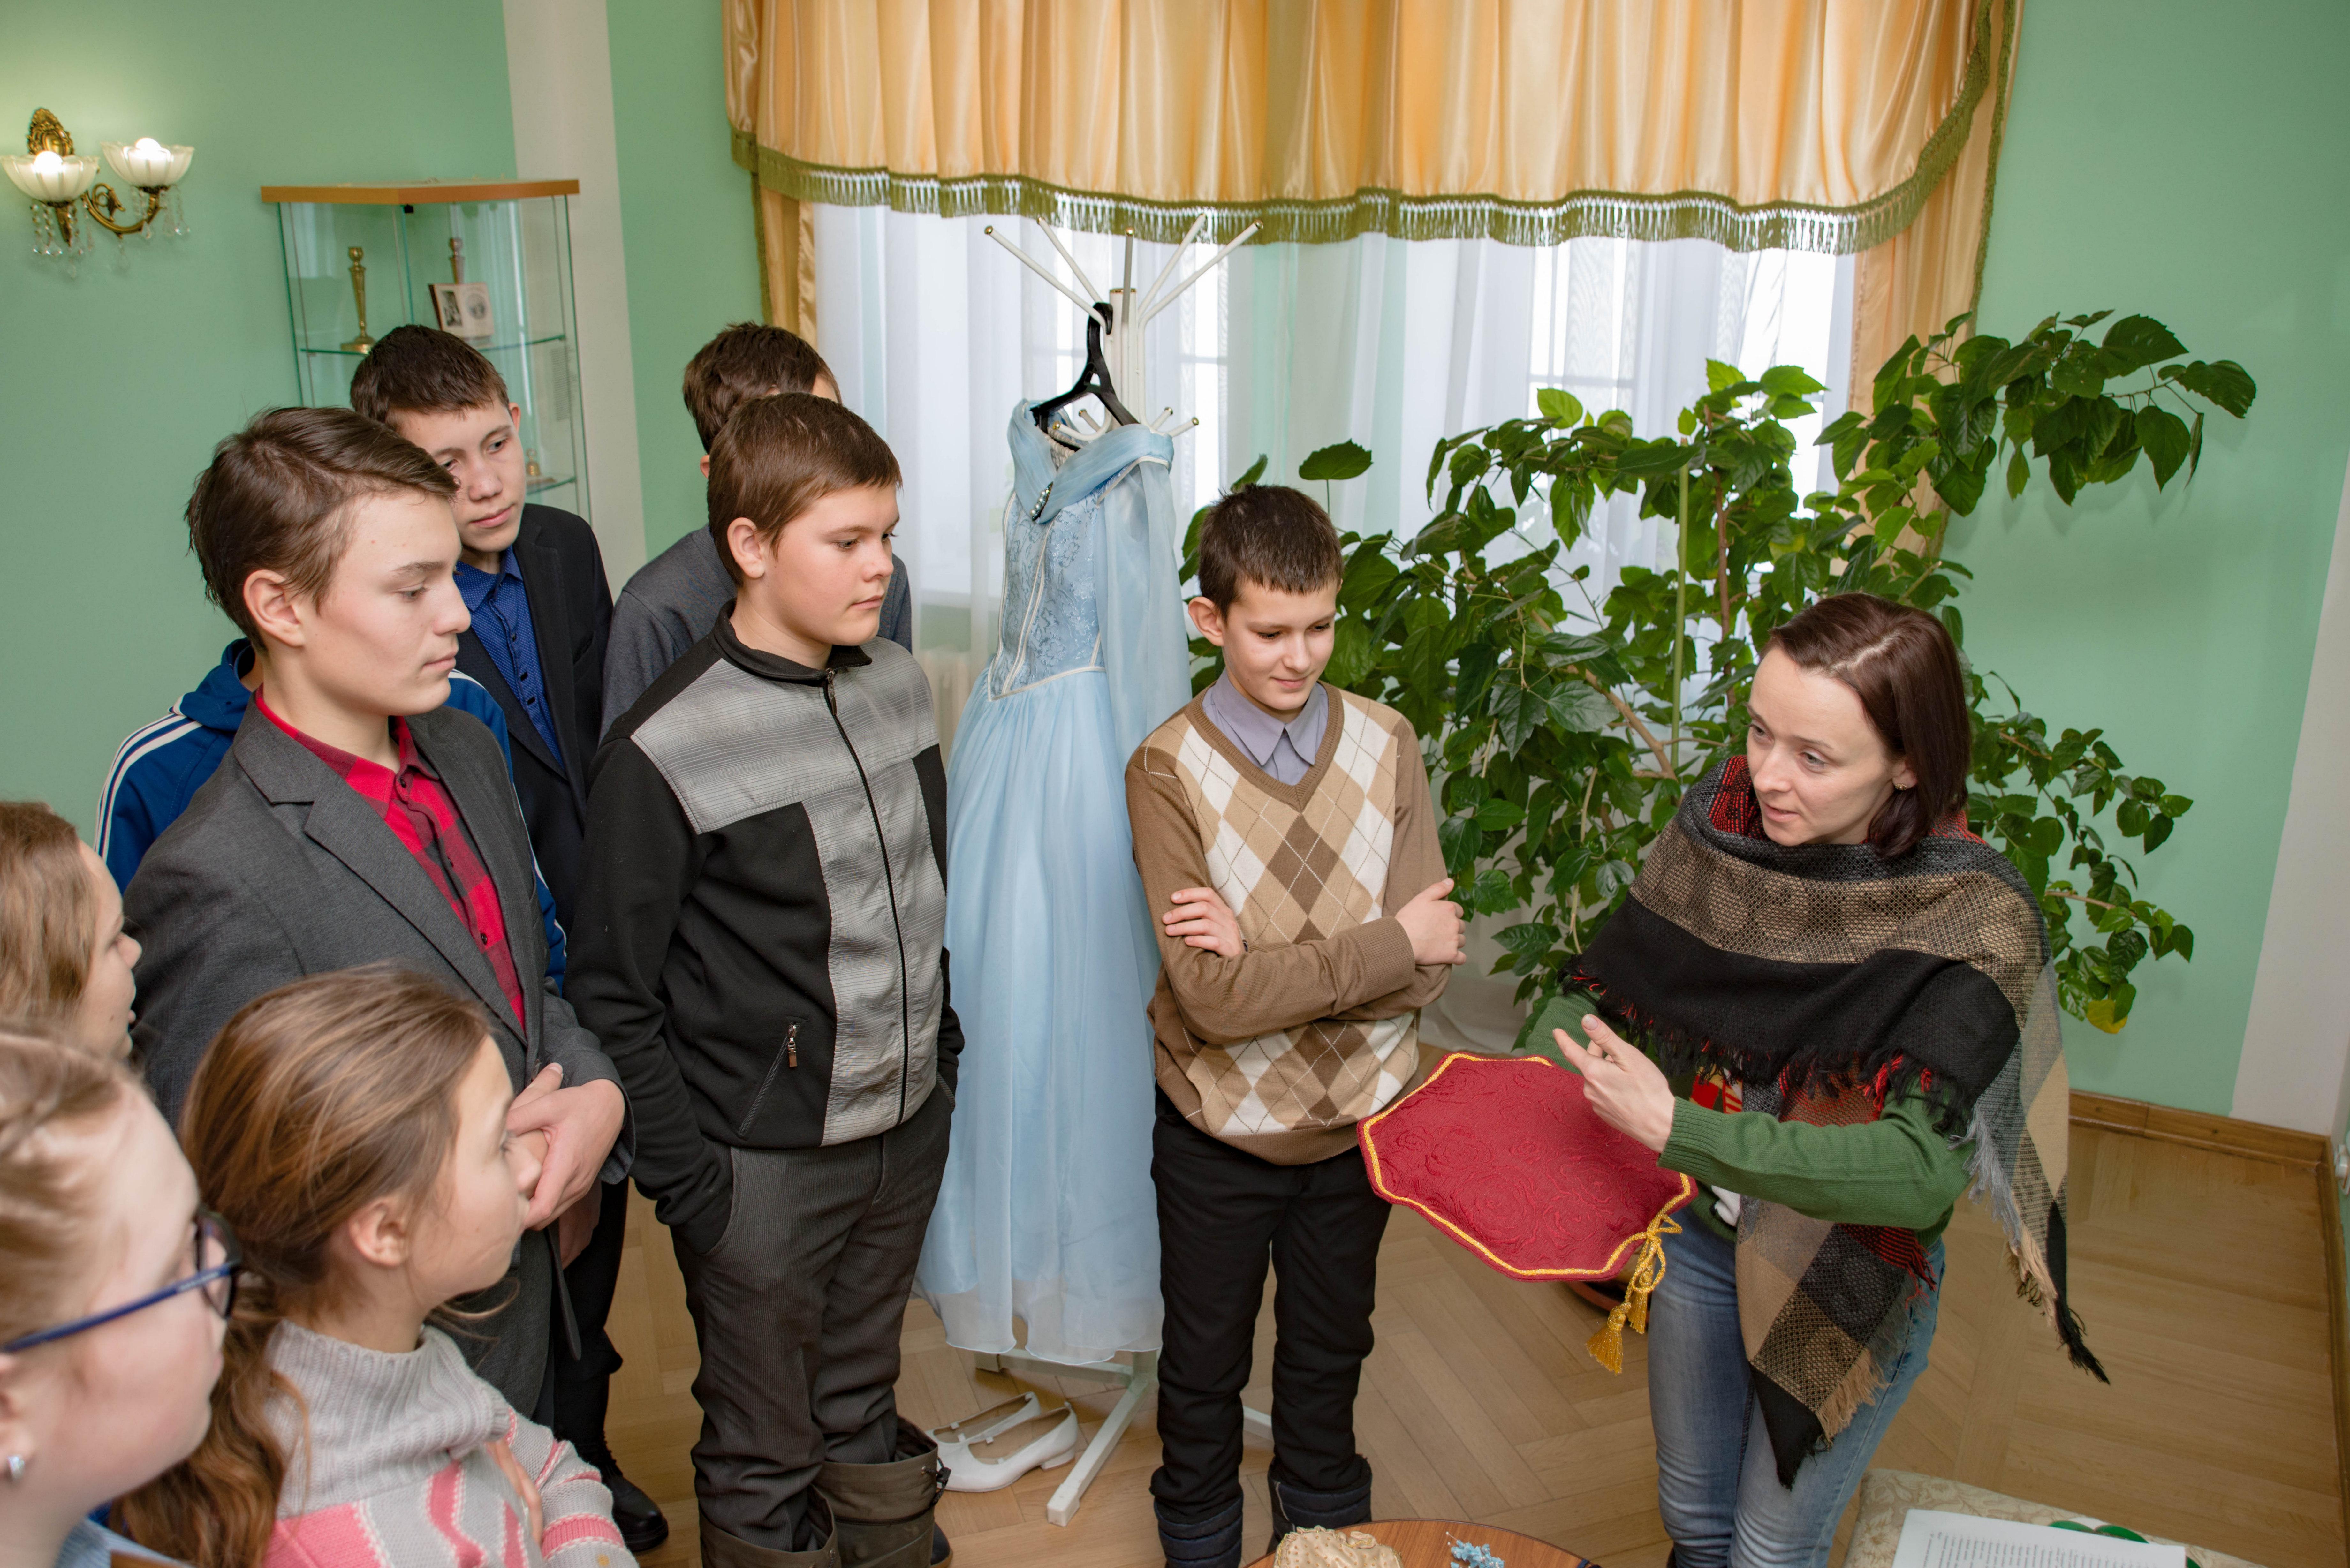 Экскурсовод Федорова М. на выставке «Наряды необходимы счастью женщины, как цветы весне...»